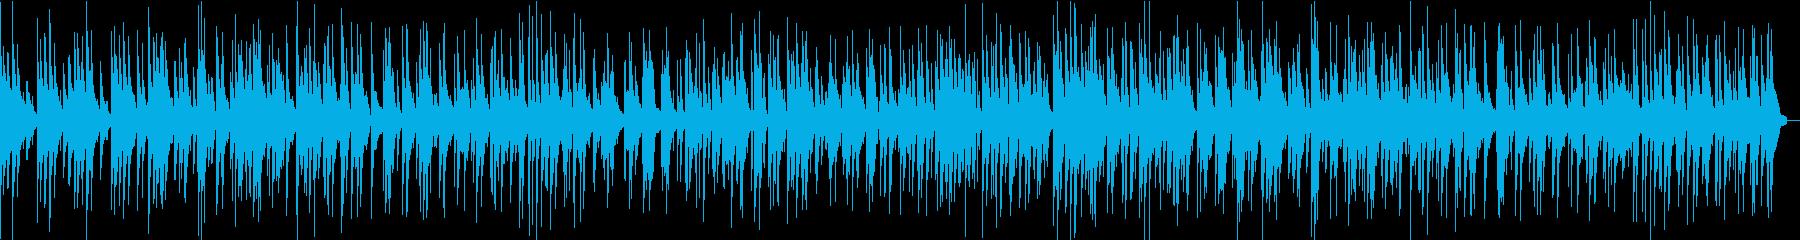 童謡「シャボン玉」のジャズアレンジカバーの再生済みの波形